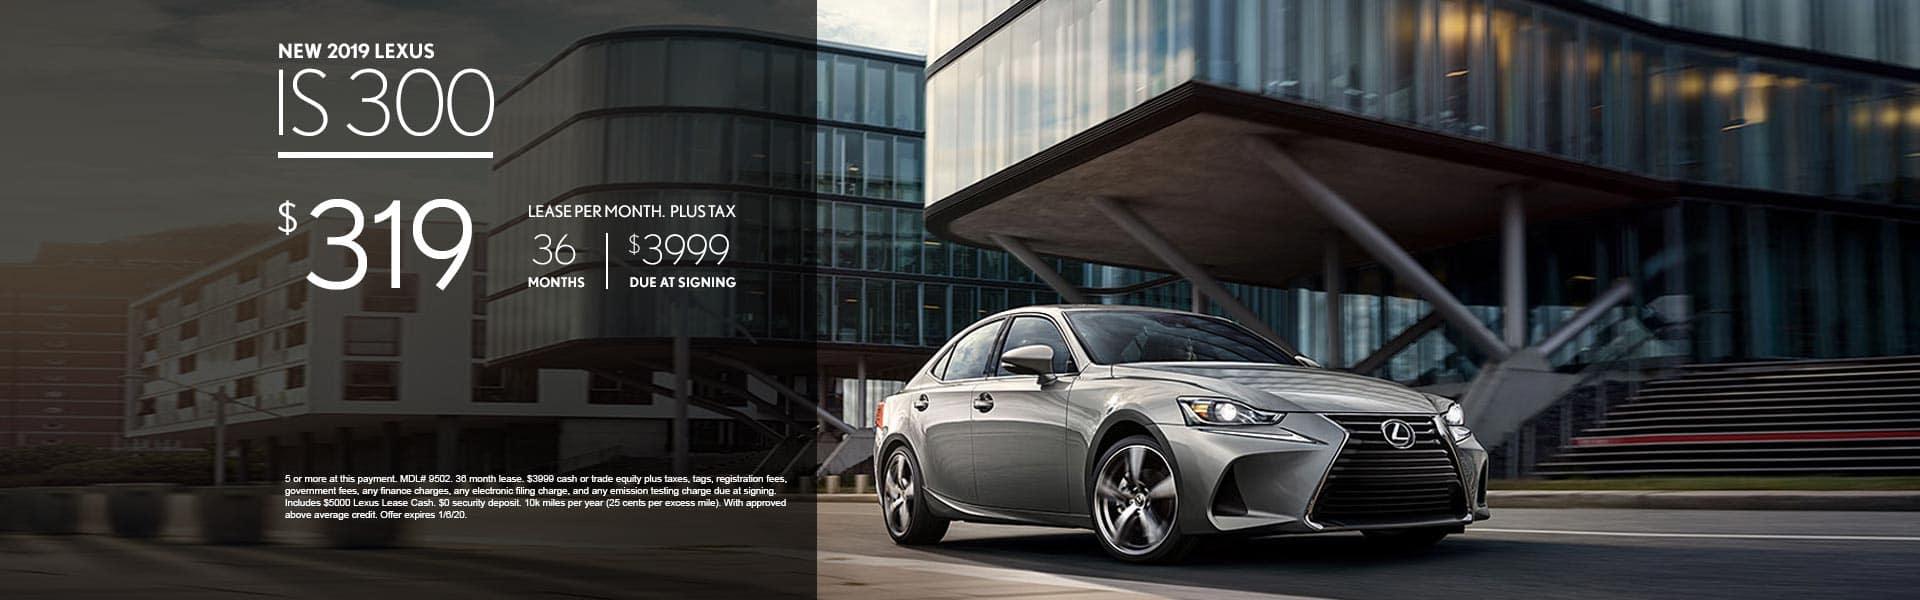 Lexus Near Me >> Lexus Of Cerritos Lexus Dealer In Cerritos Ca